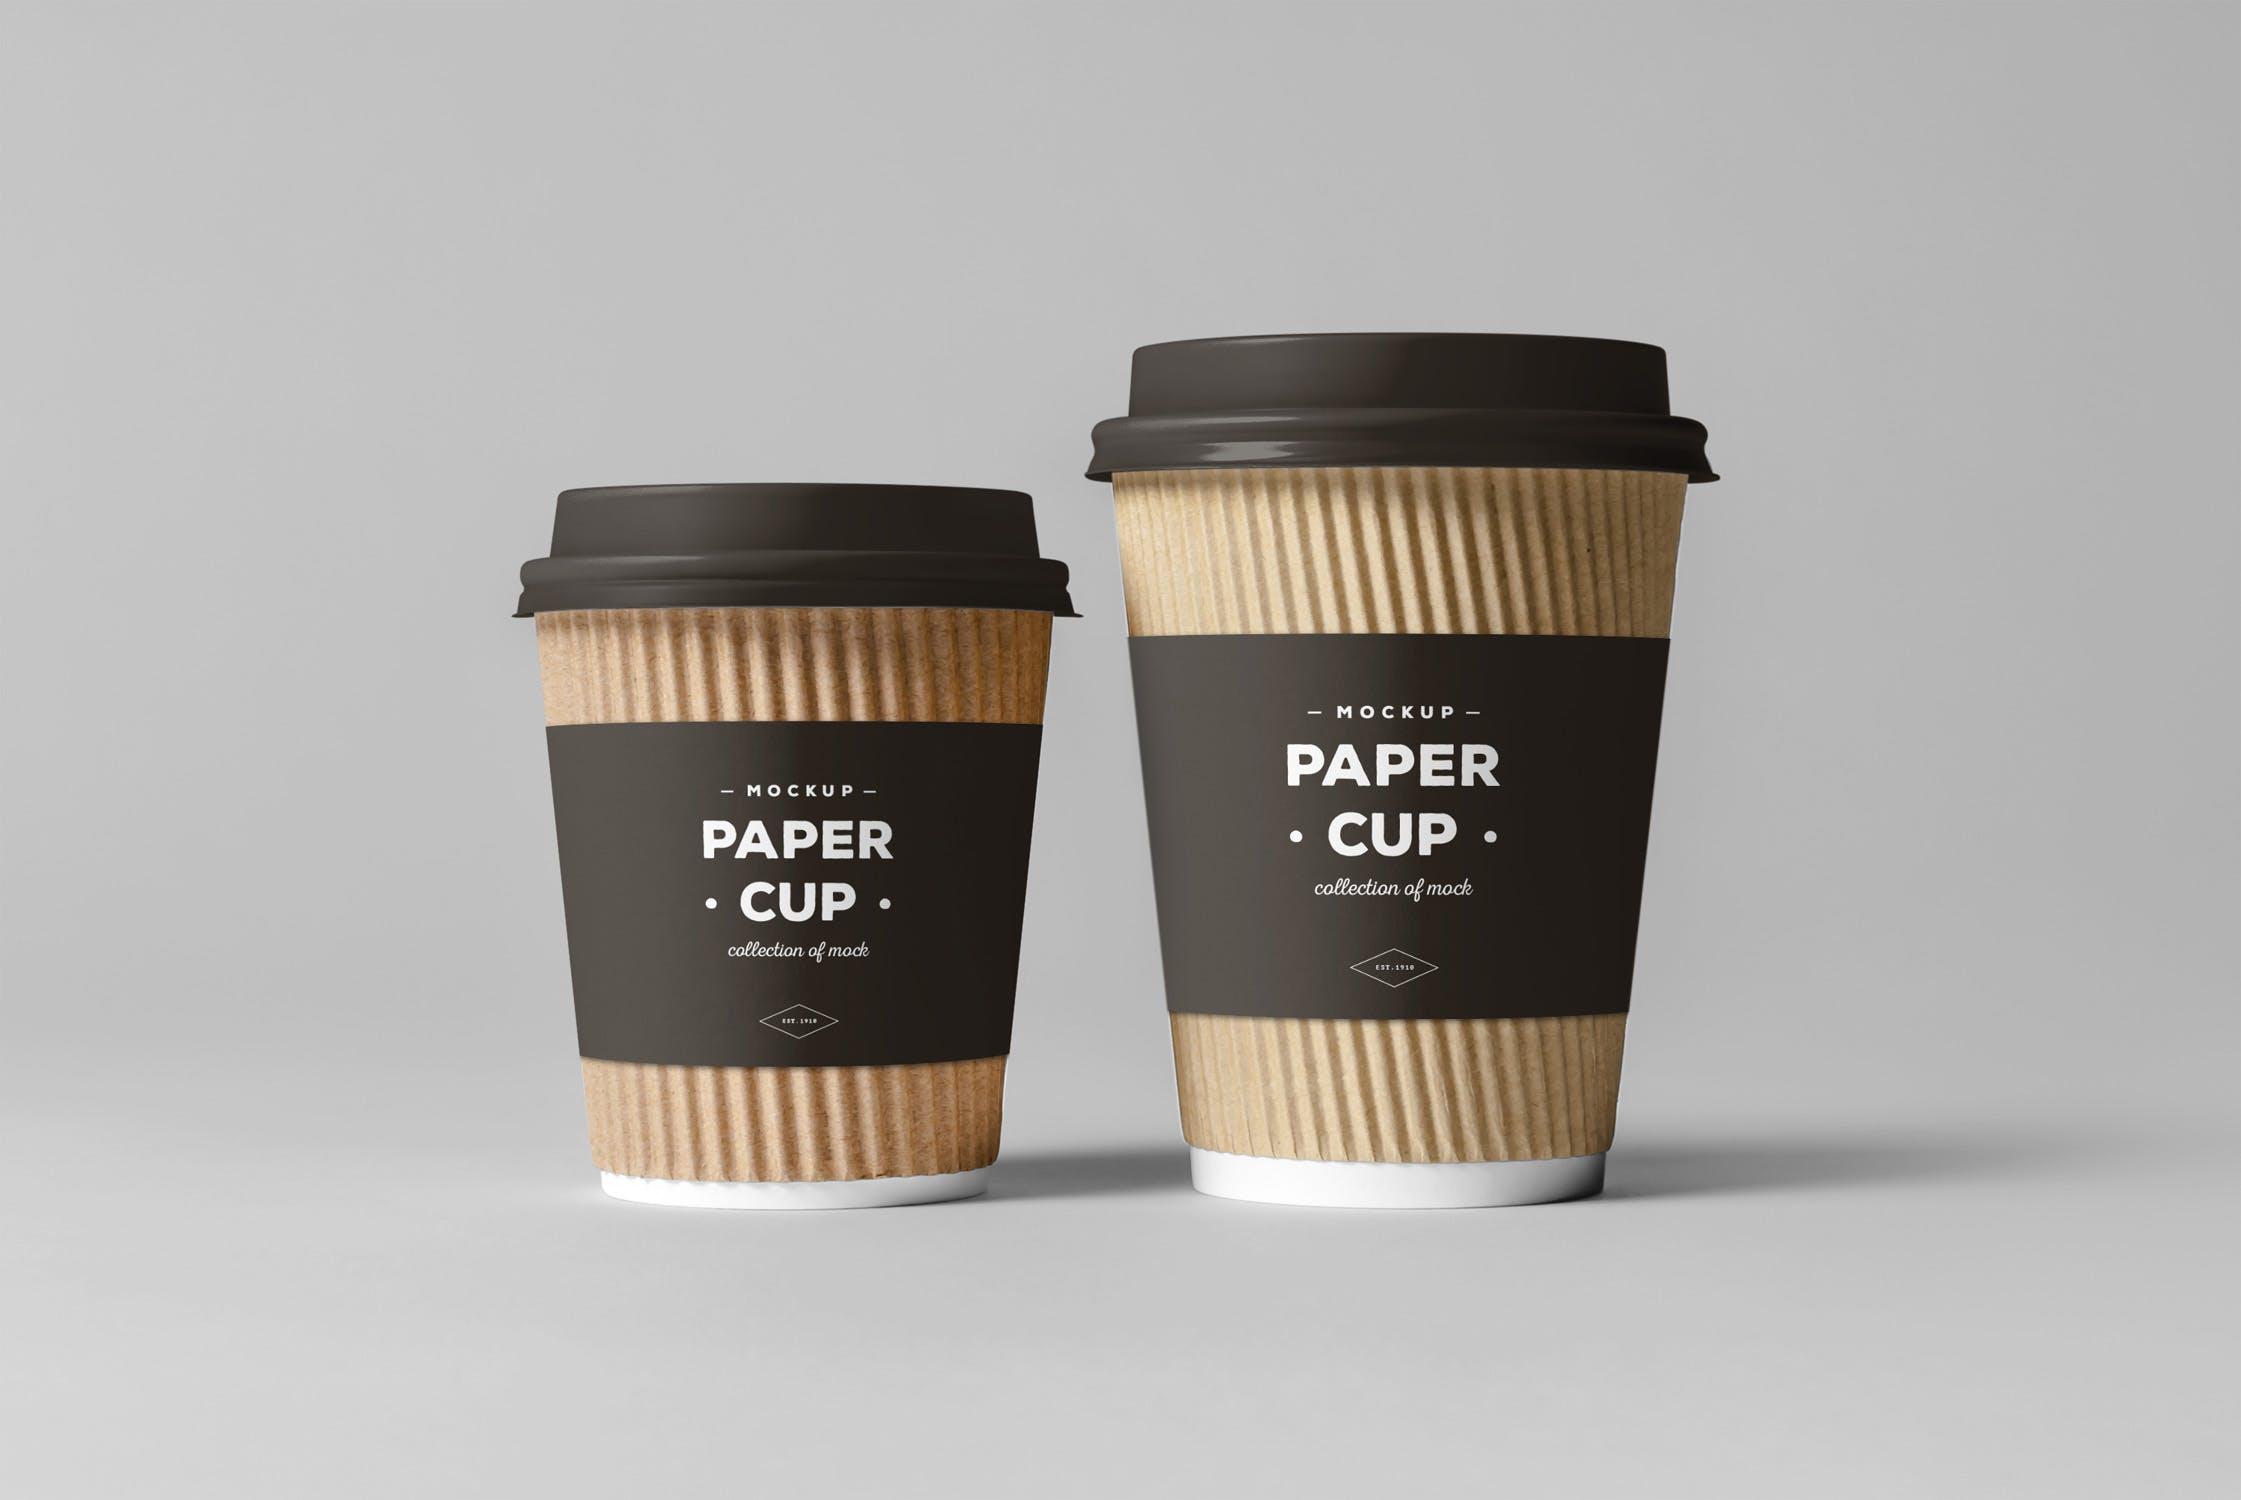 热饮纸杯咖啡杯组合套装样机模板 素材纸杯子Paper Cups Mock-up